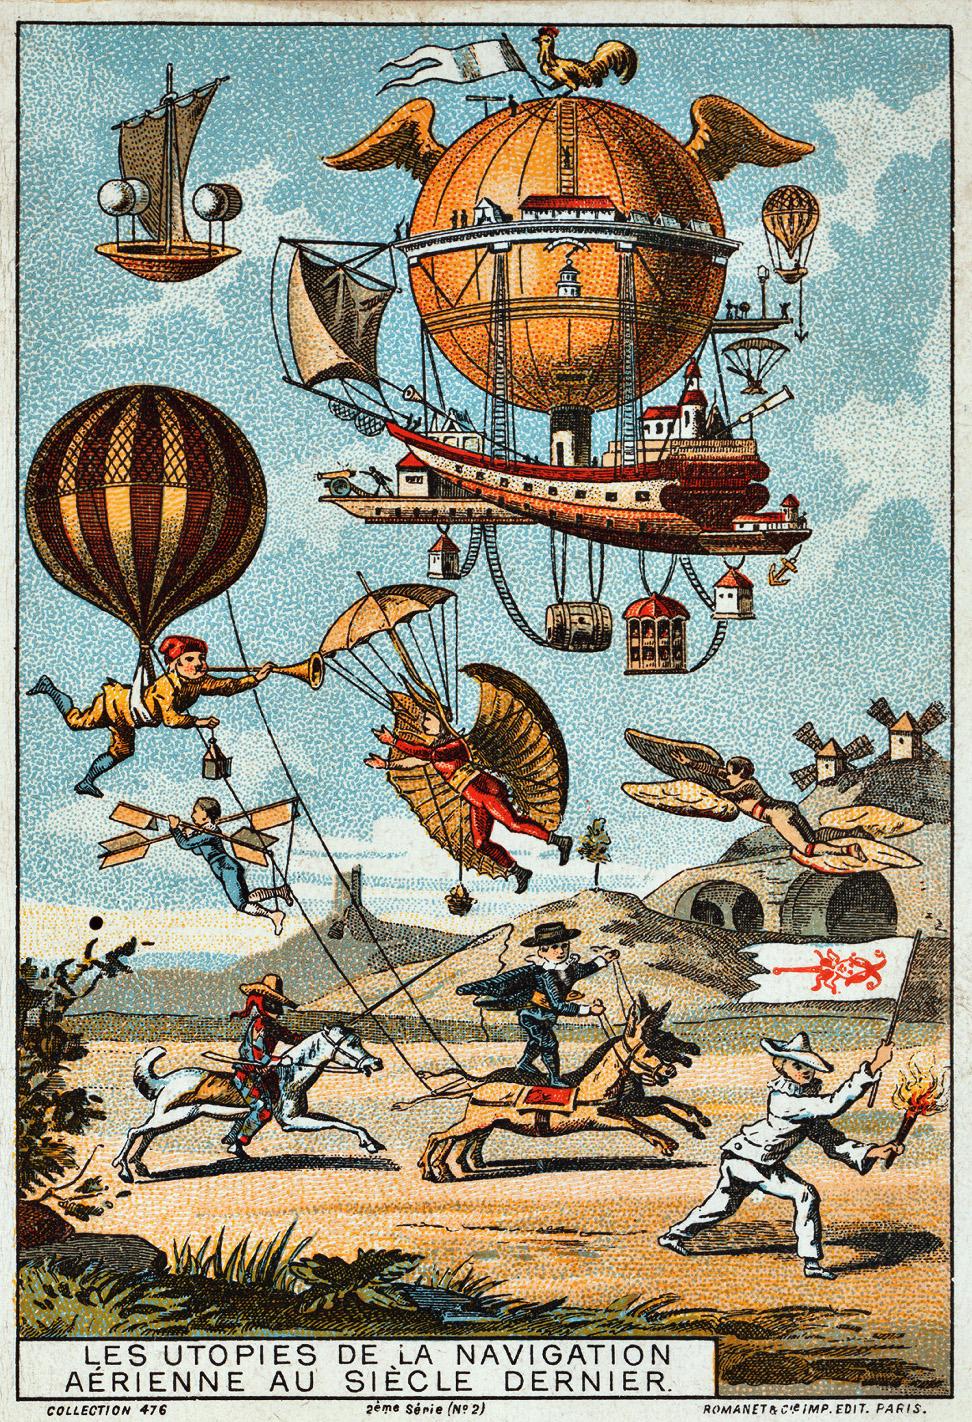 Utopische Flugmaschinen des vorhergehenden Jahrhunderts